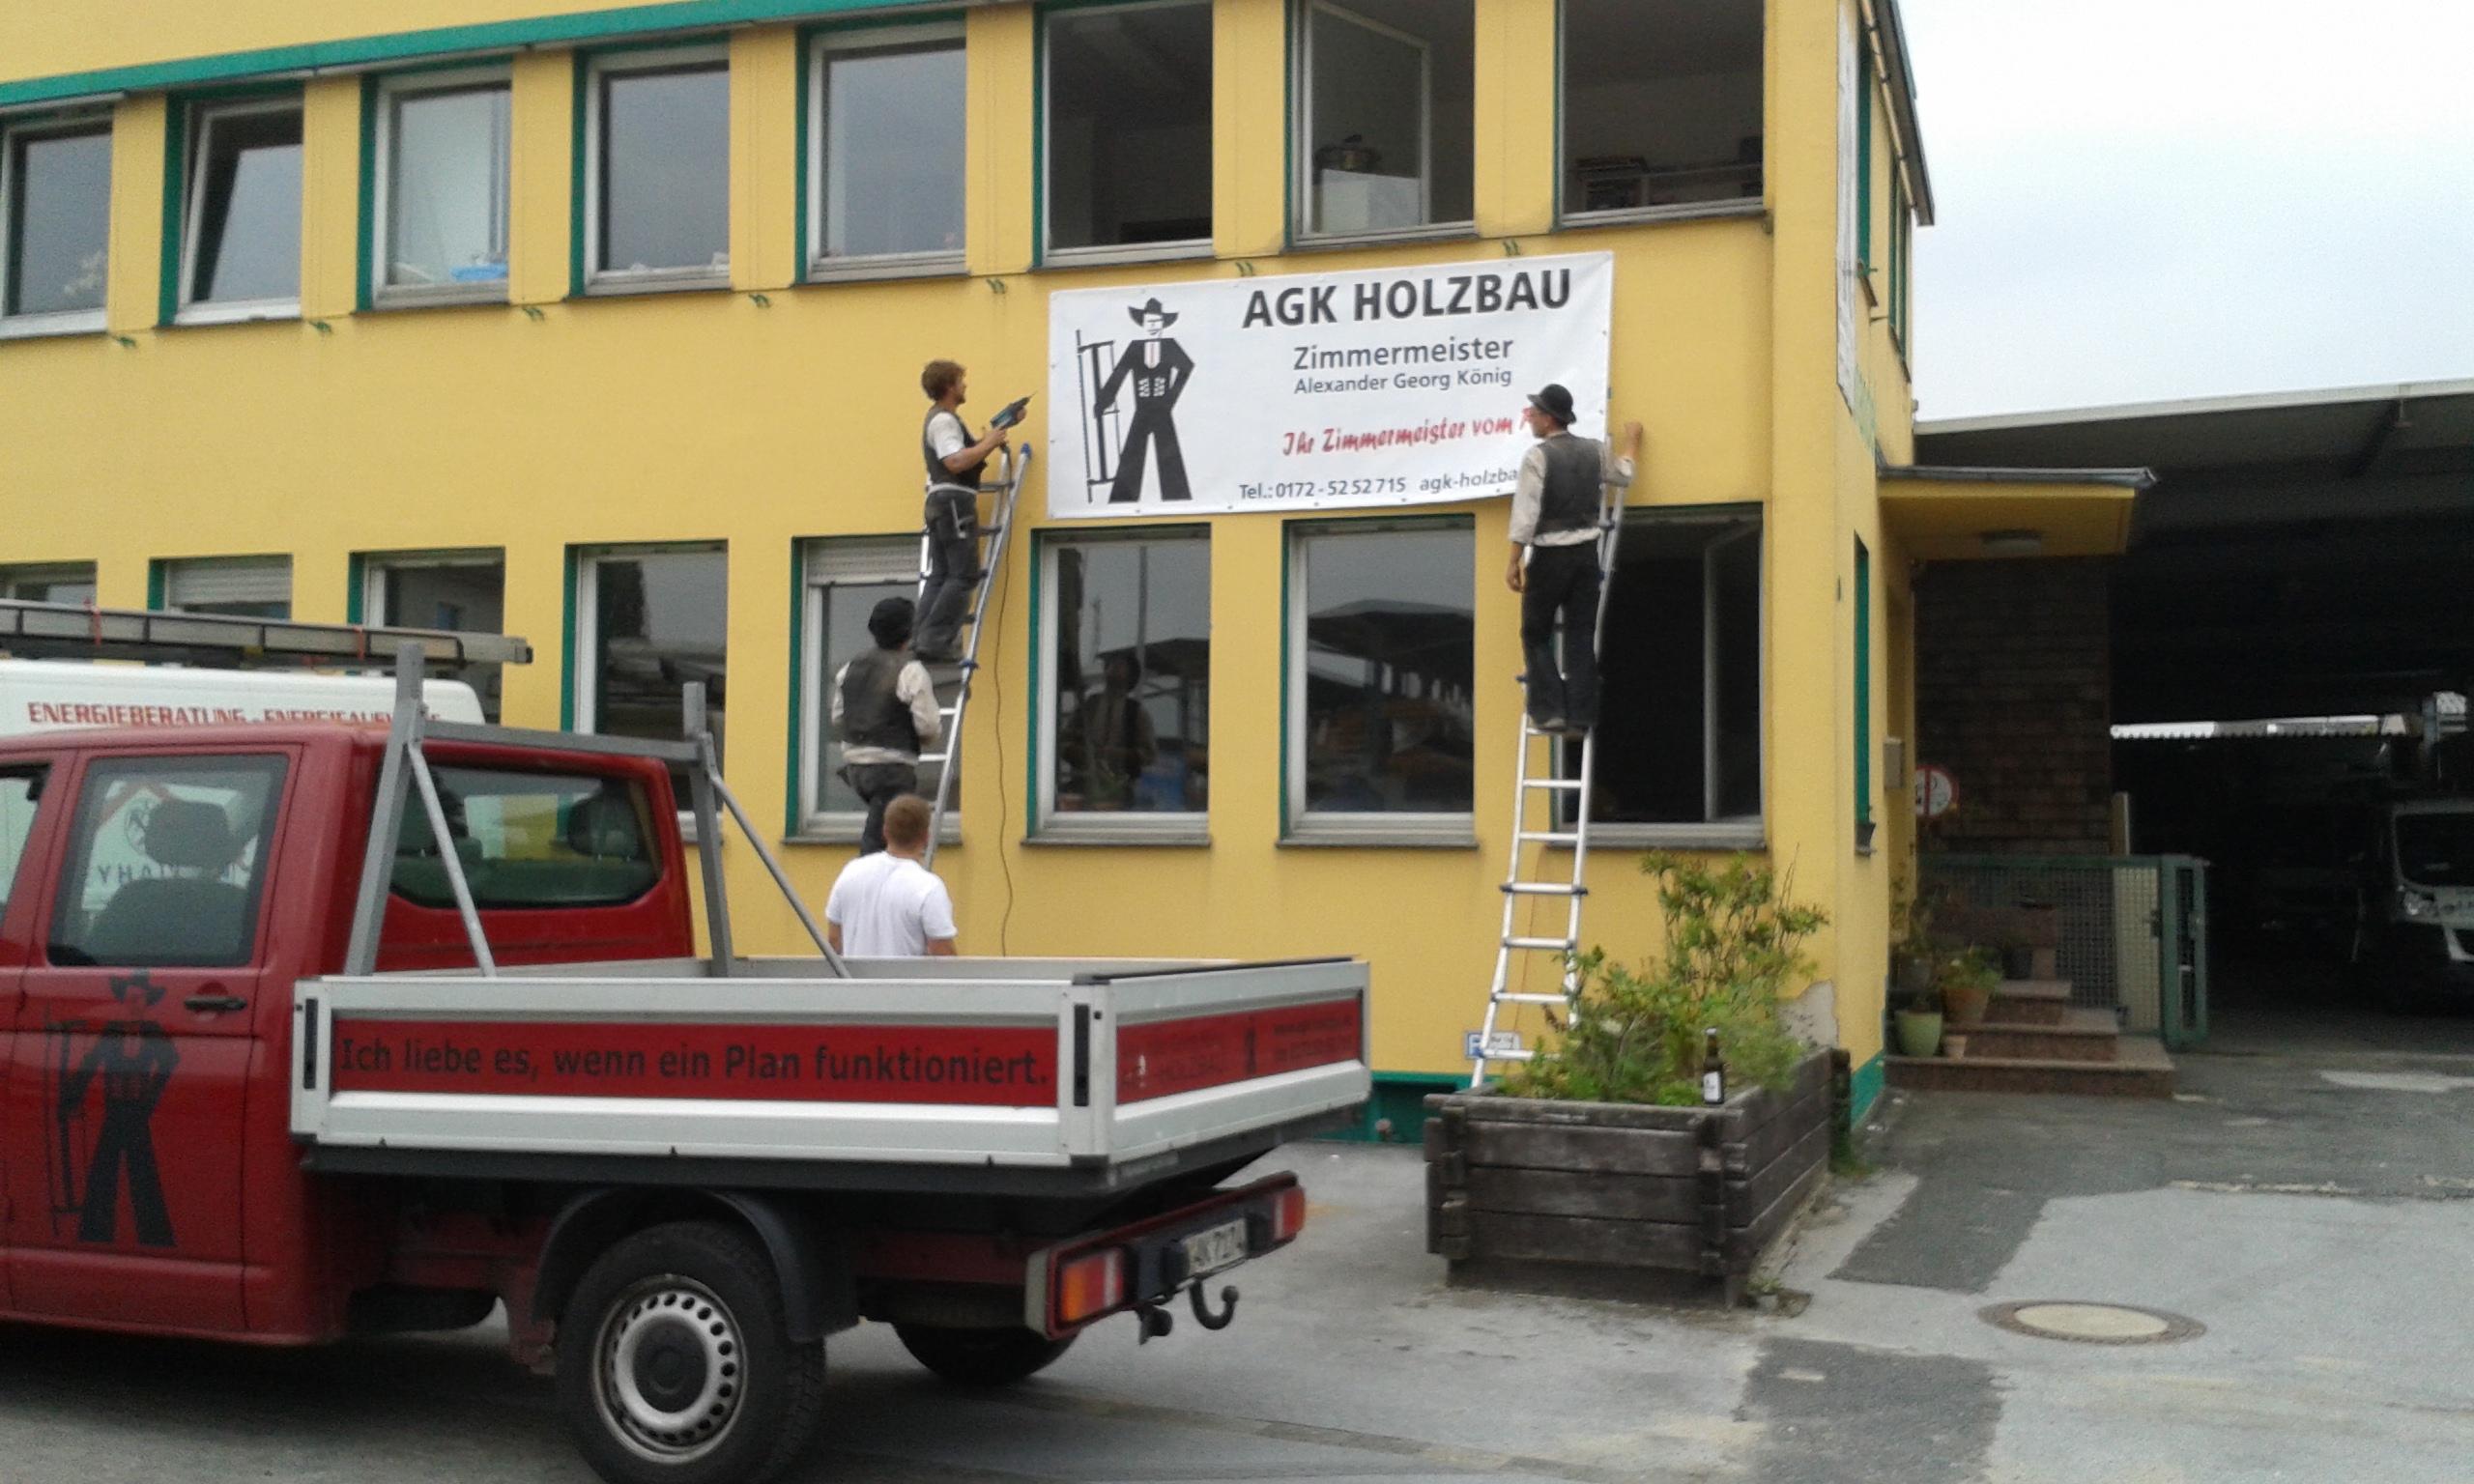 agk-holzbau-betrieb-01